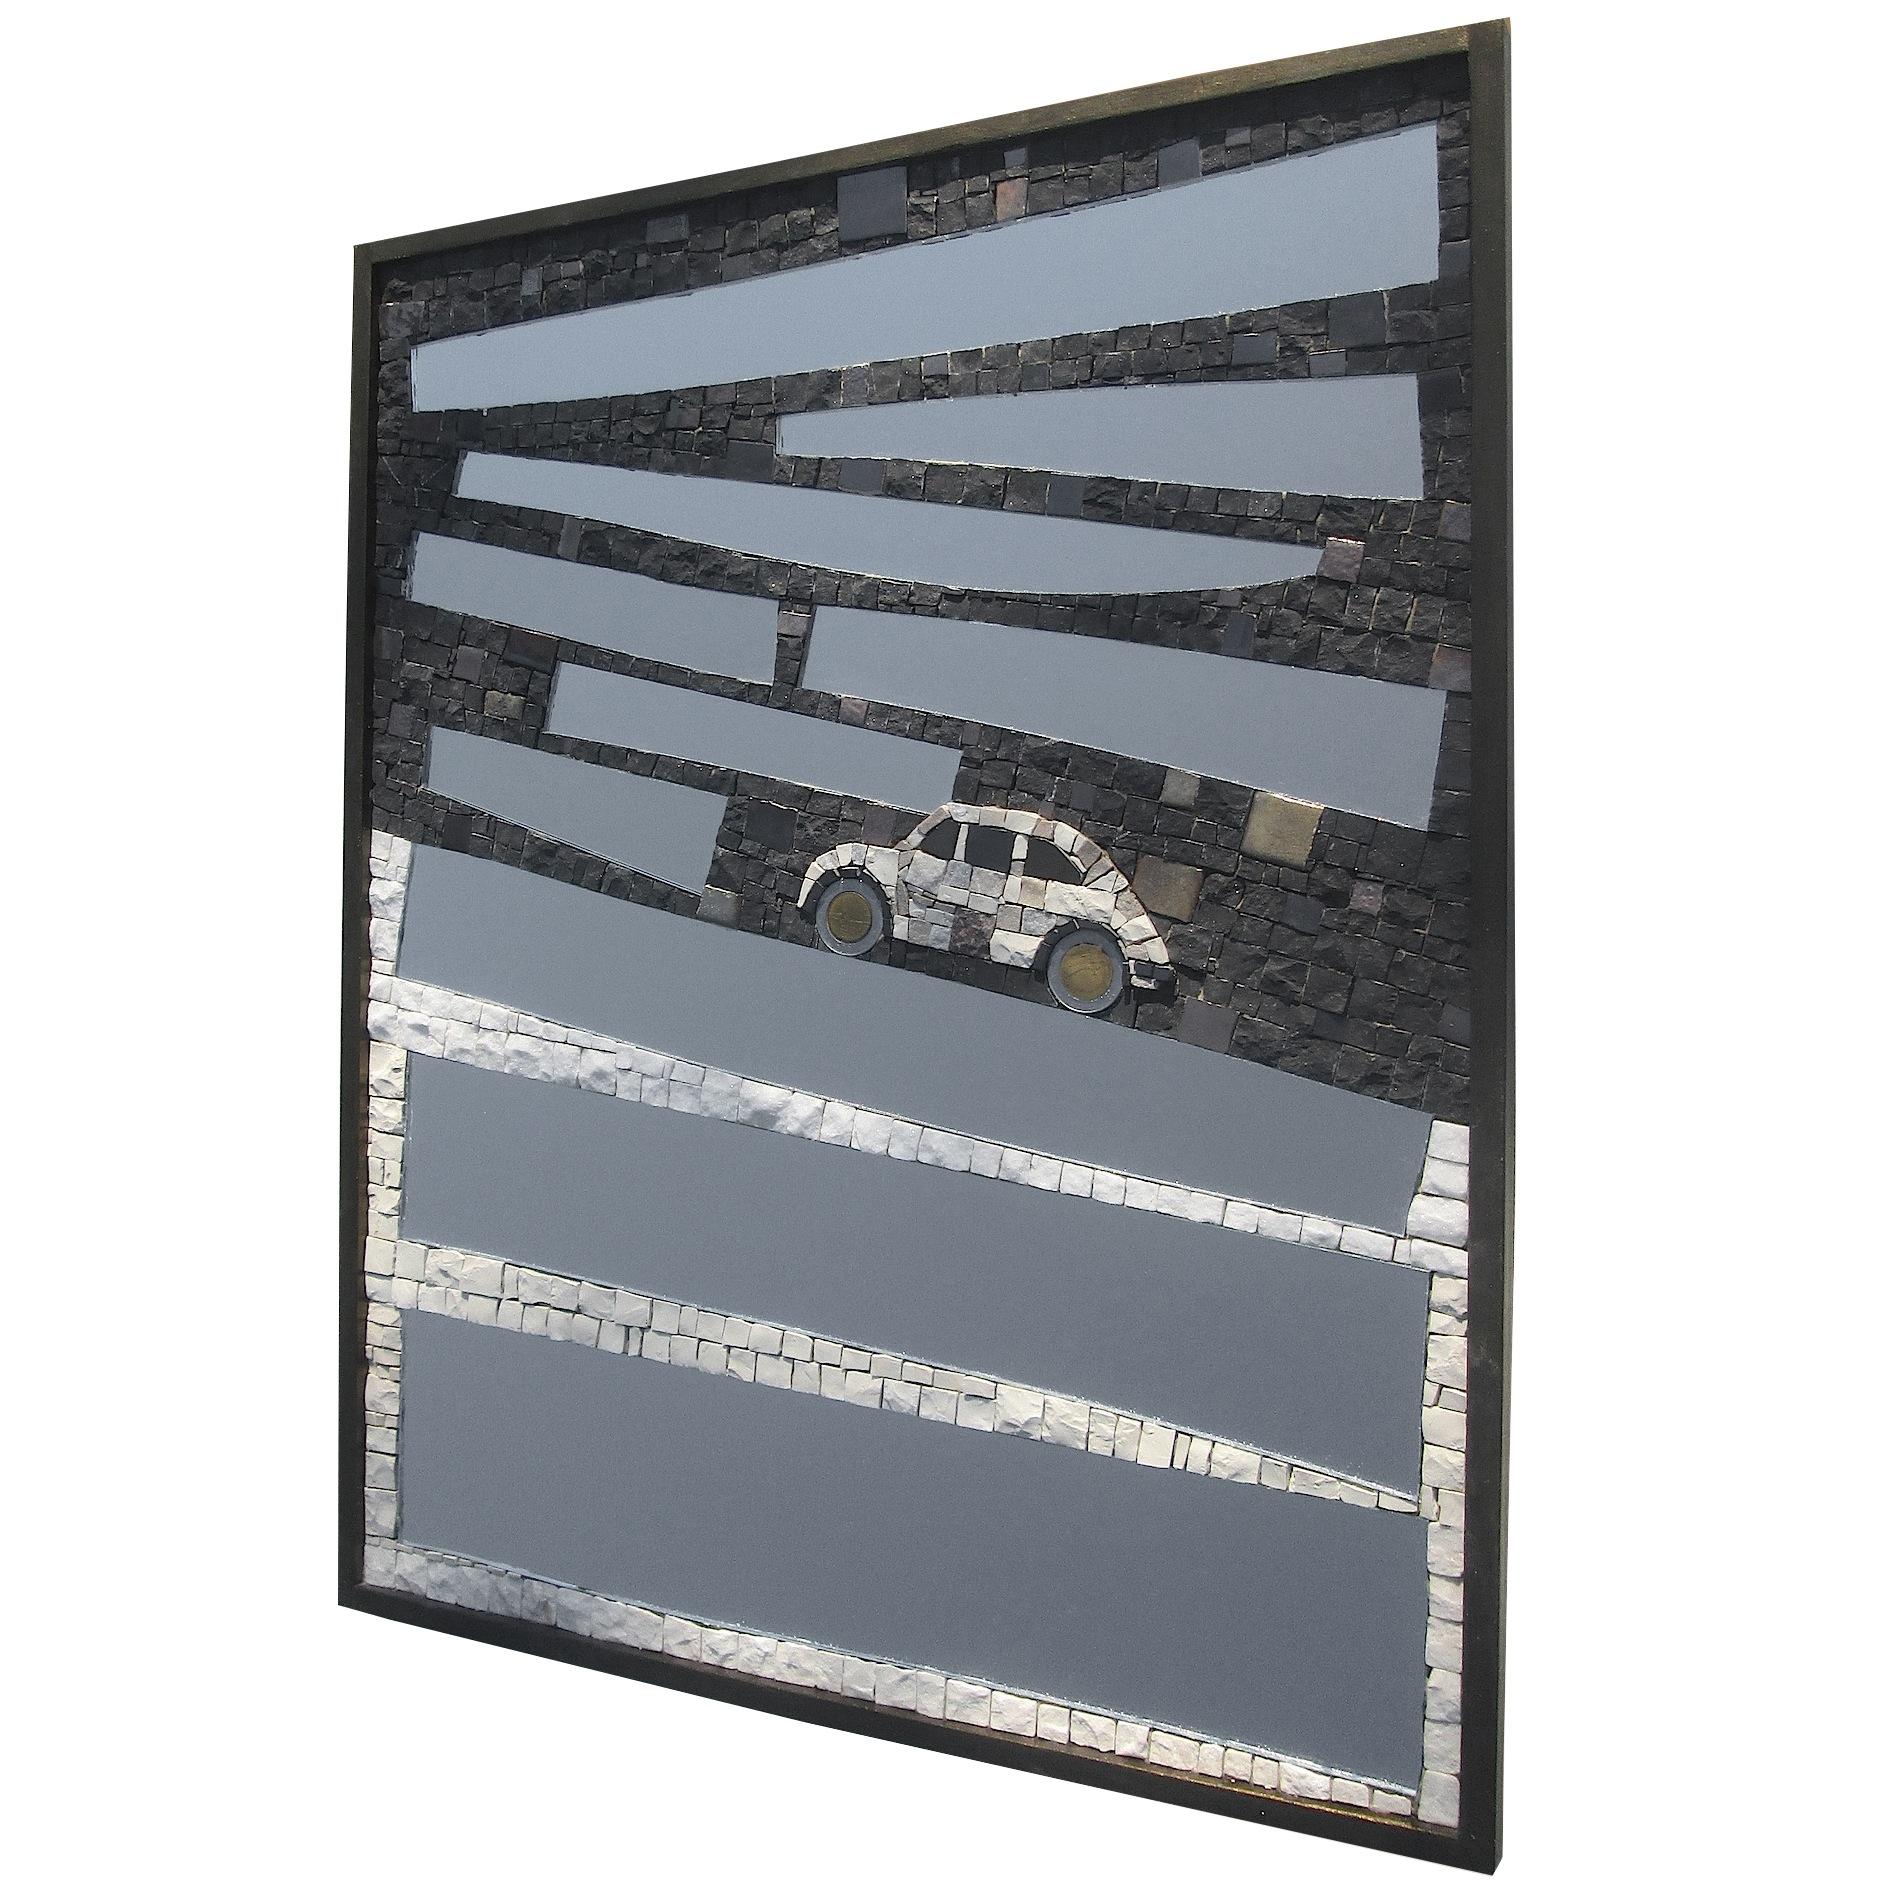 Specchio Fiat 500, 42,5x52,5x2 (cm)